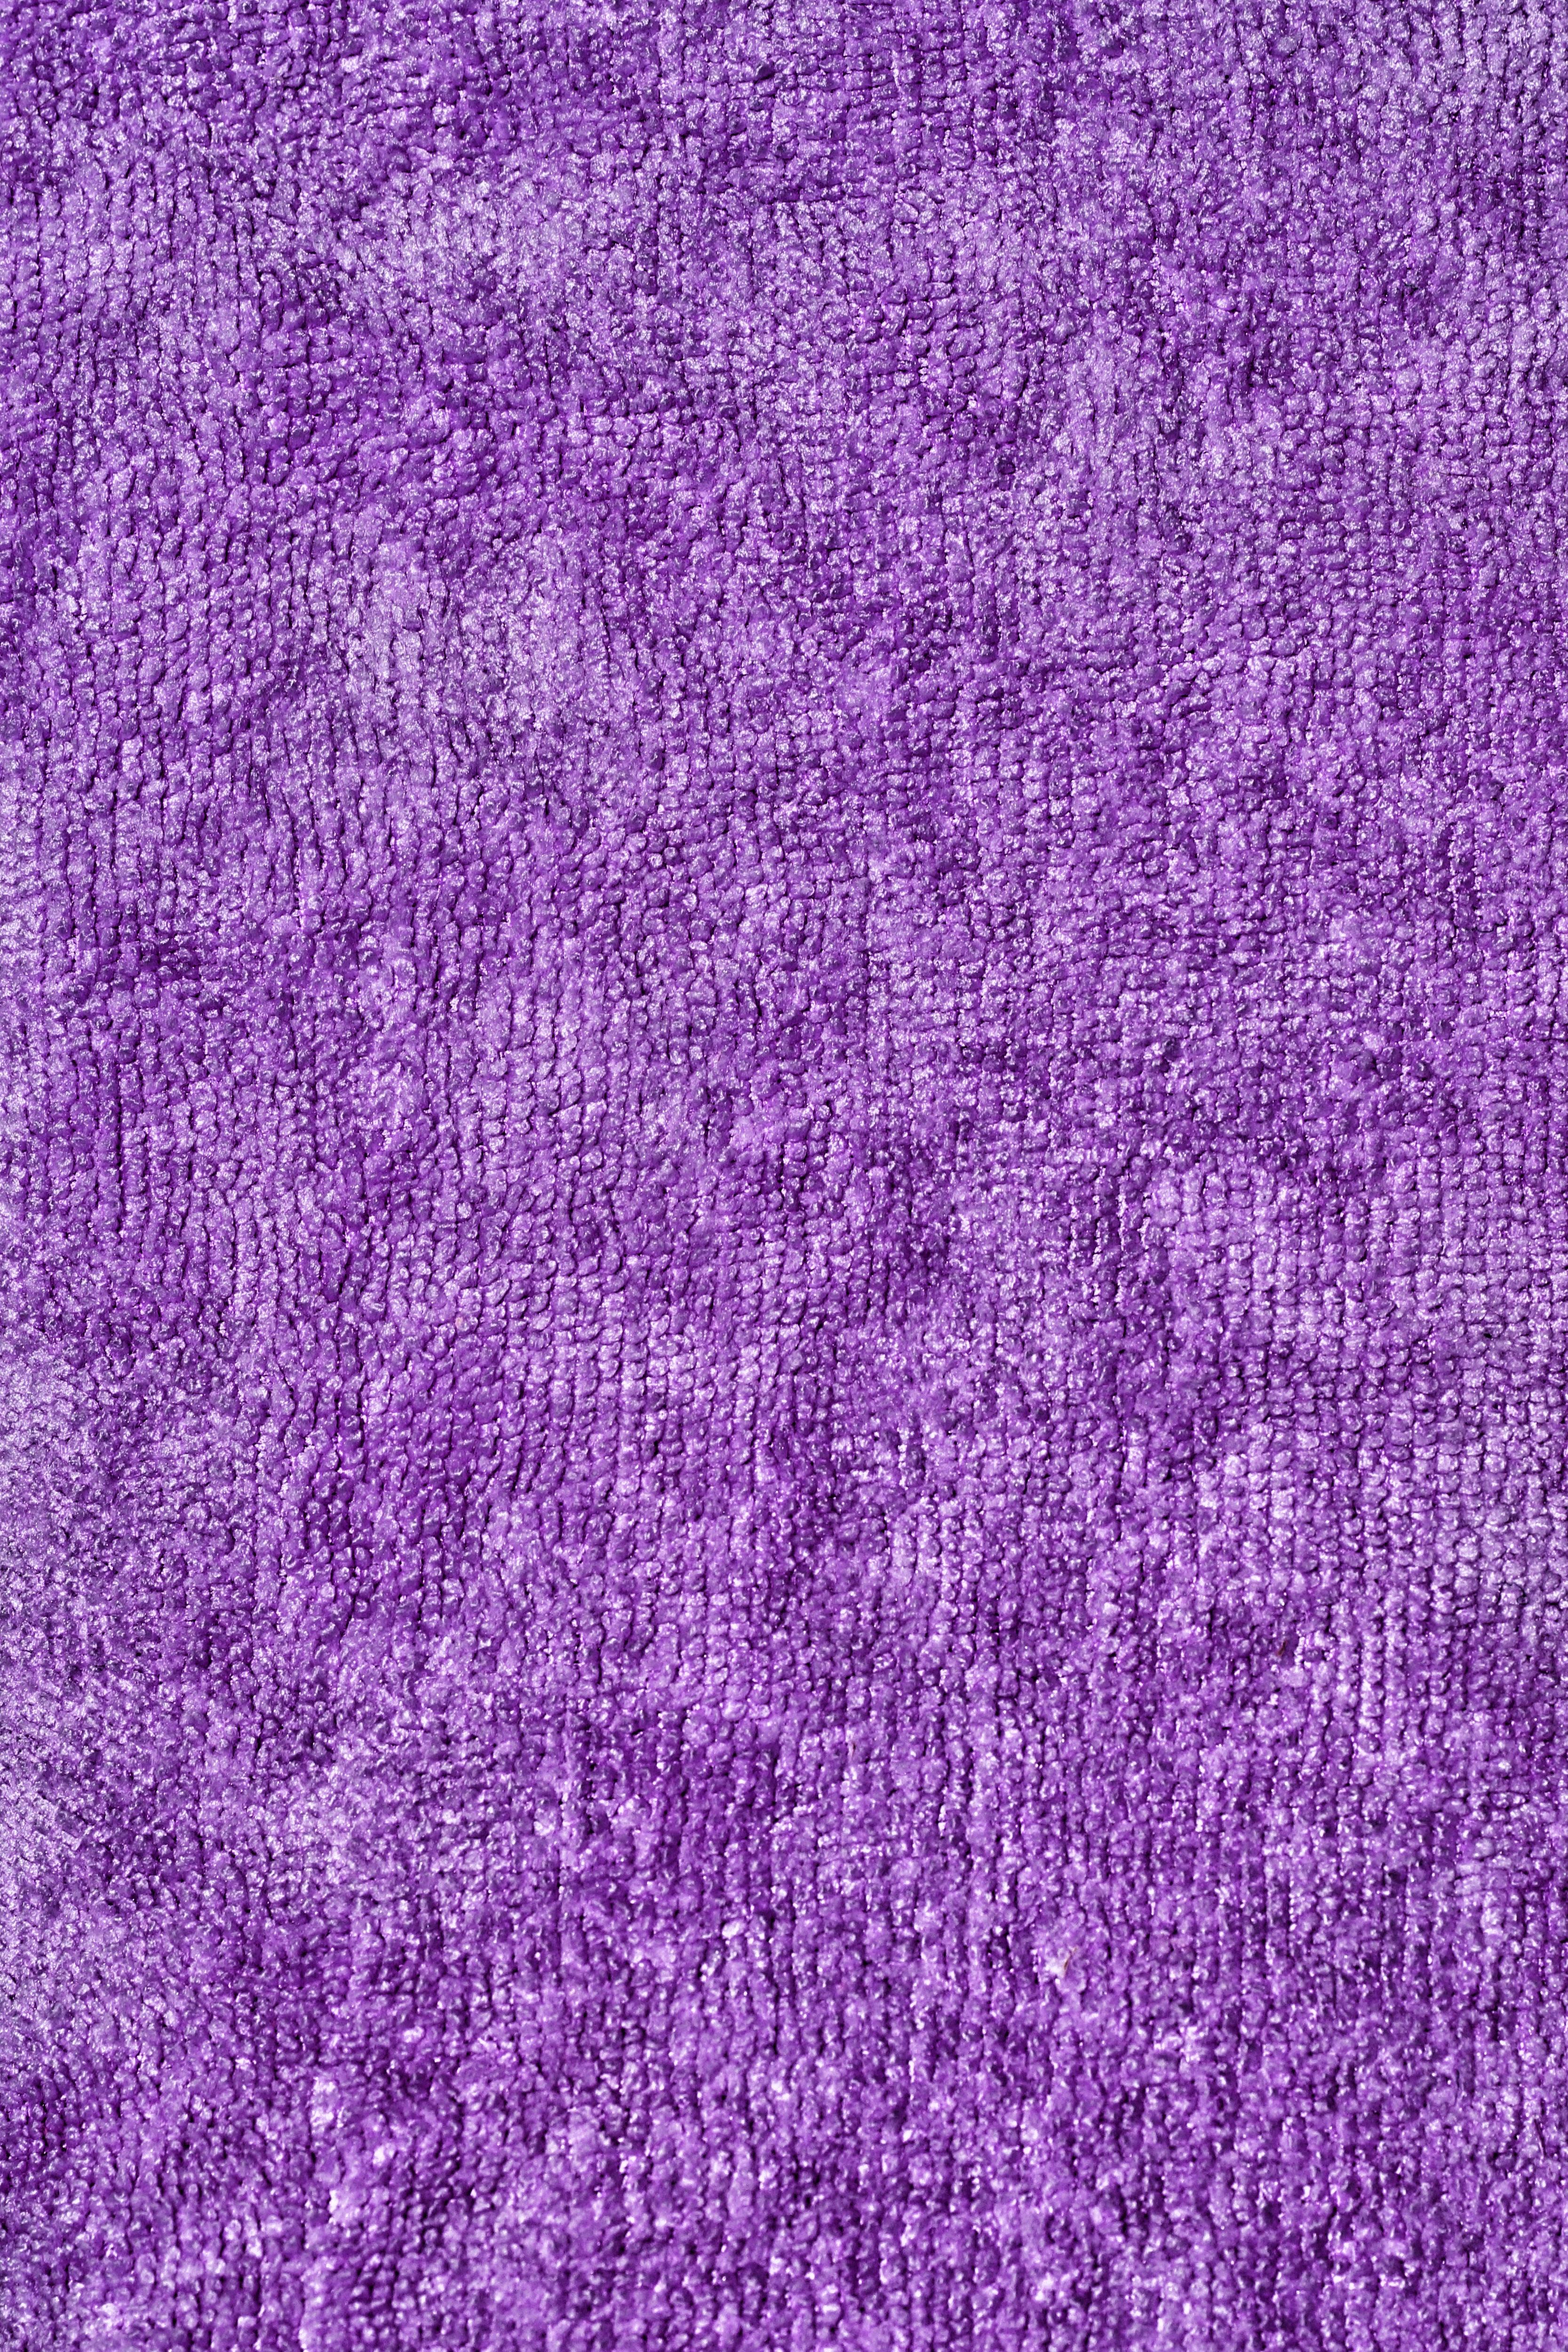 Fotos gratis : textura, flor, púrpura, patrón, línea, toalla ...